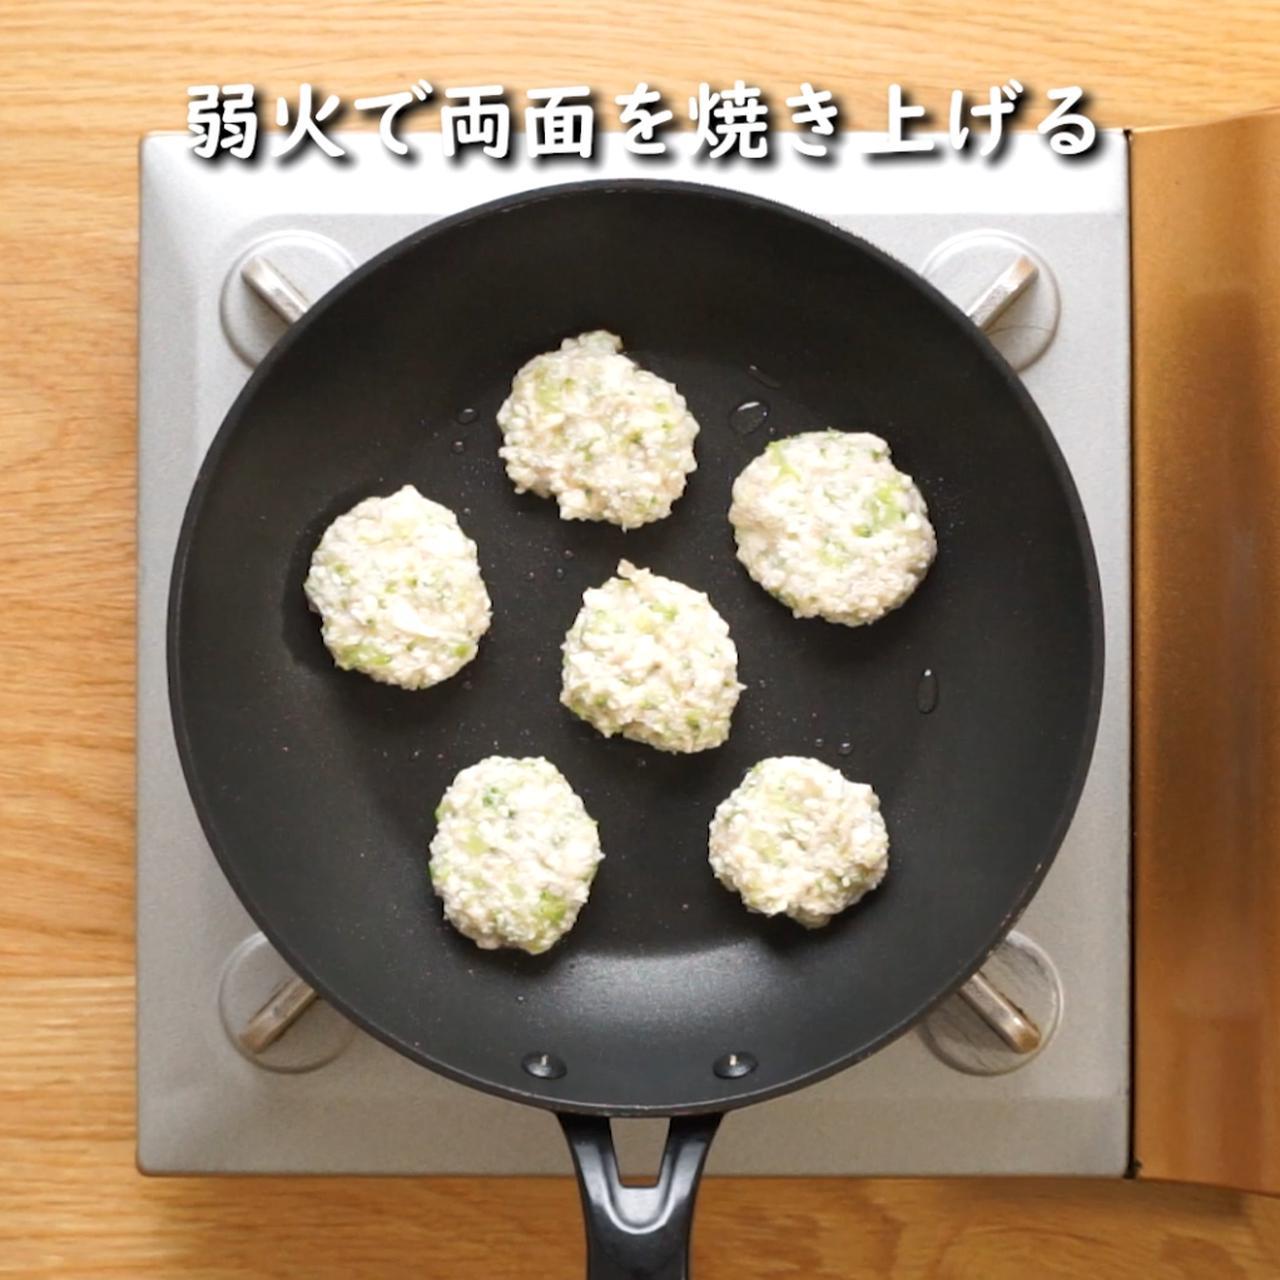 画像11: 特定原材料7品目不使用レシピ